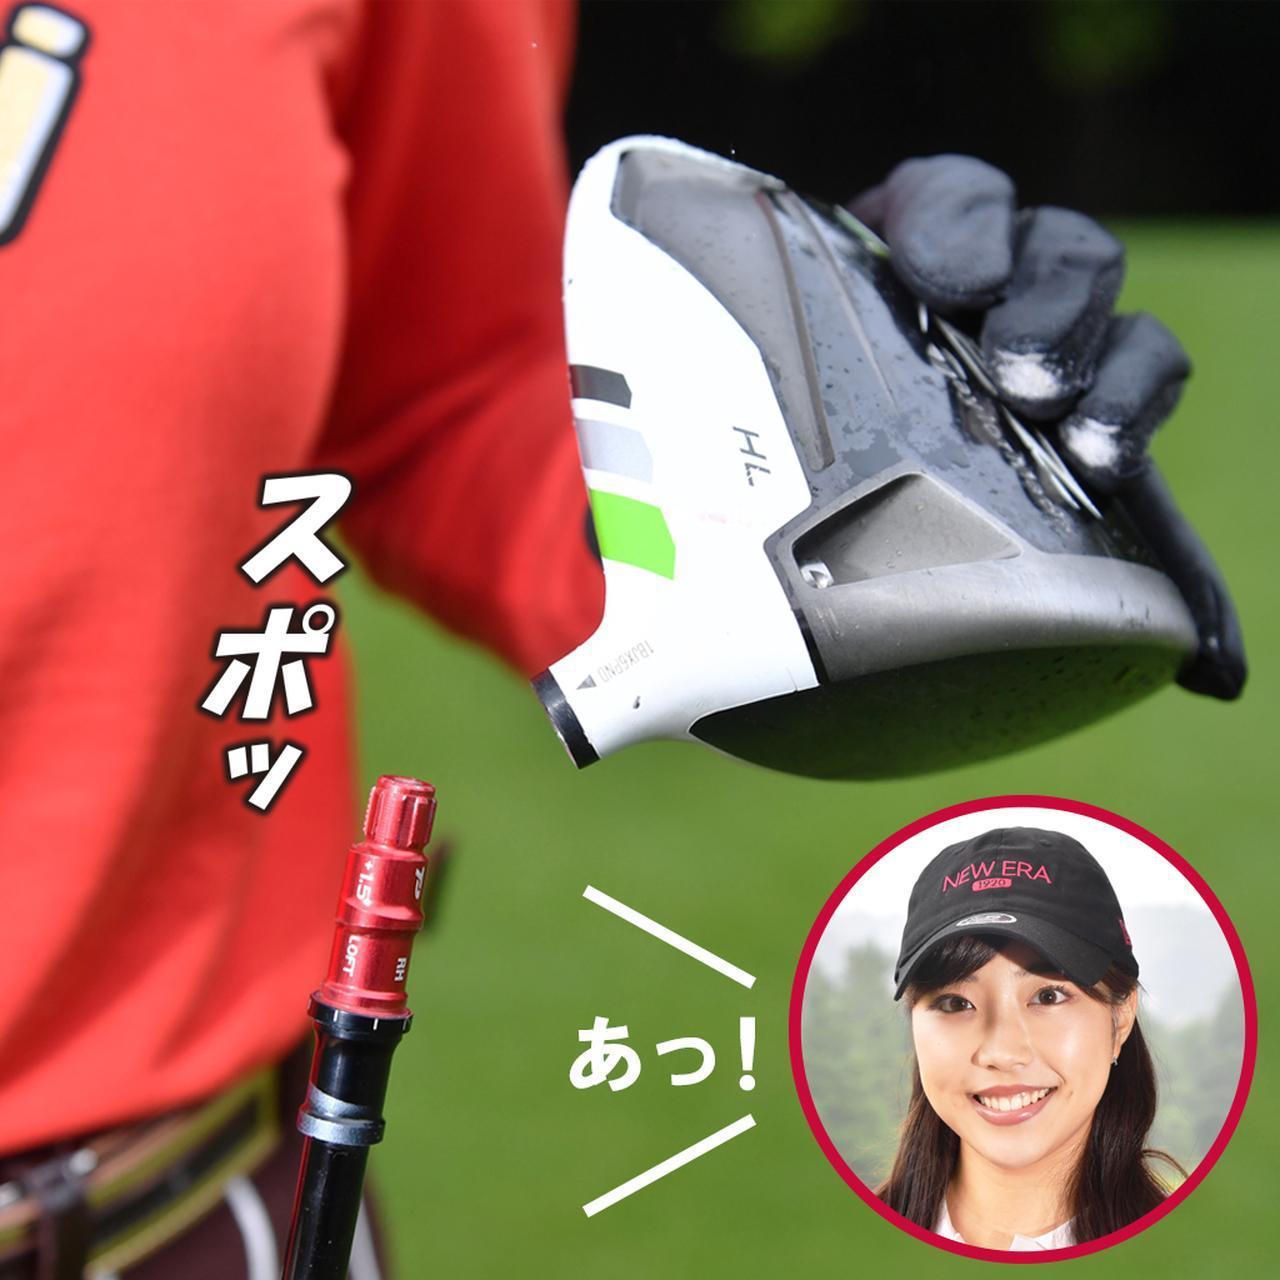 画像: 【新ルール】プレー中、ドライバーのカチャカチャ機能でドライバーのヘッドをいったん外して、元に戻した。これって性能変更? 使ってもOK? - ゴルフへ行こうWEB by ゴルフダイジェスト